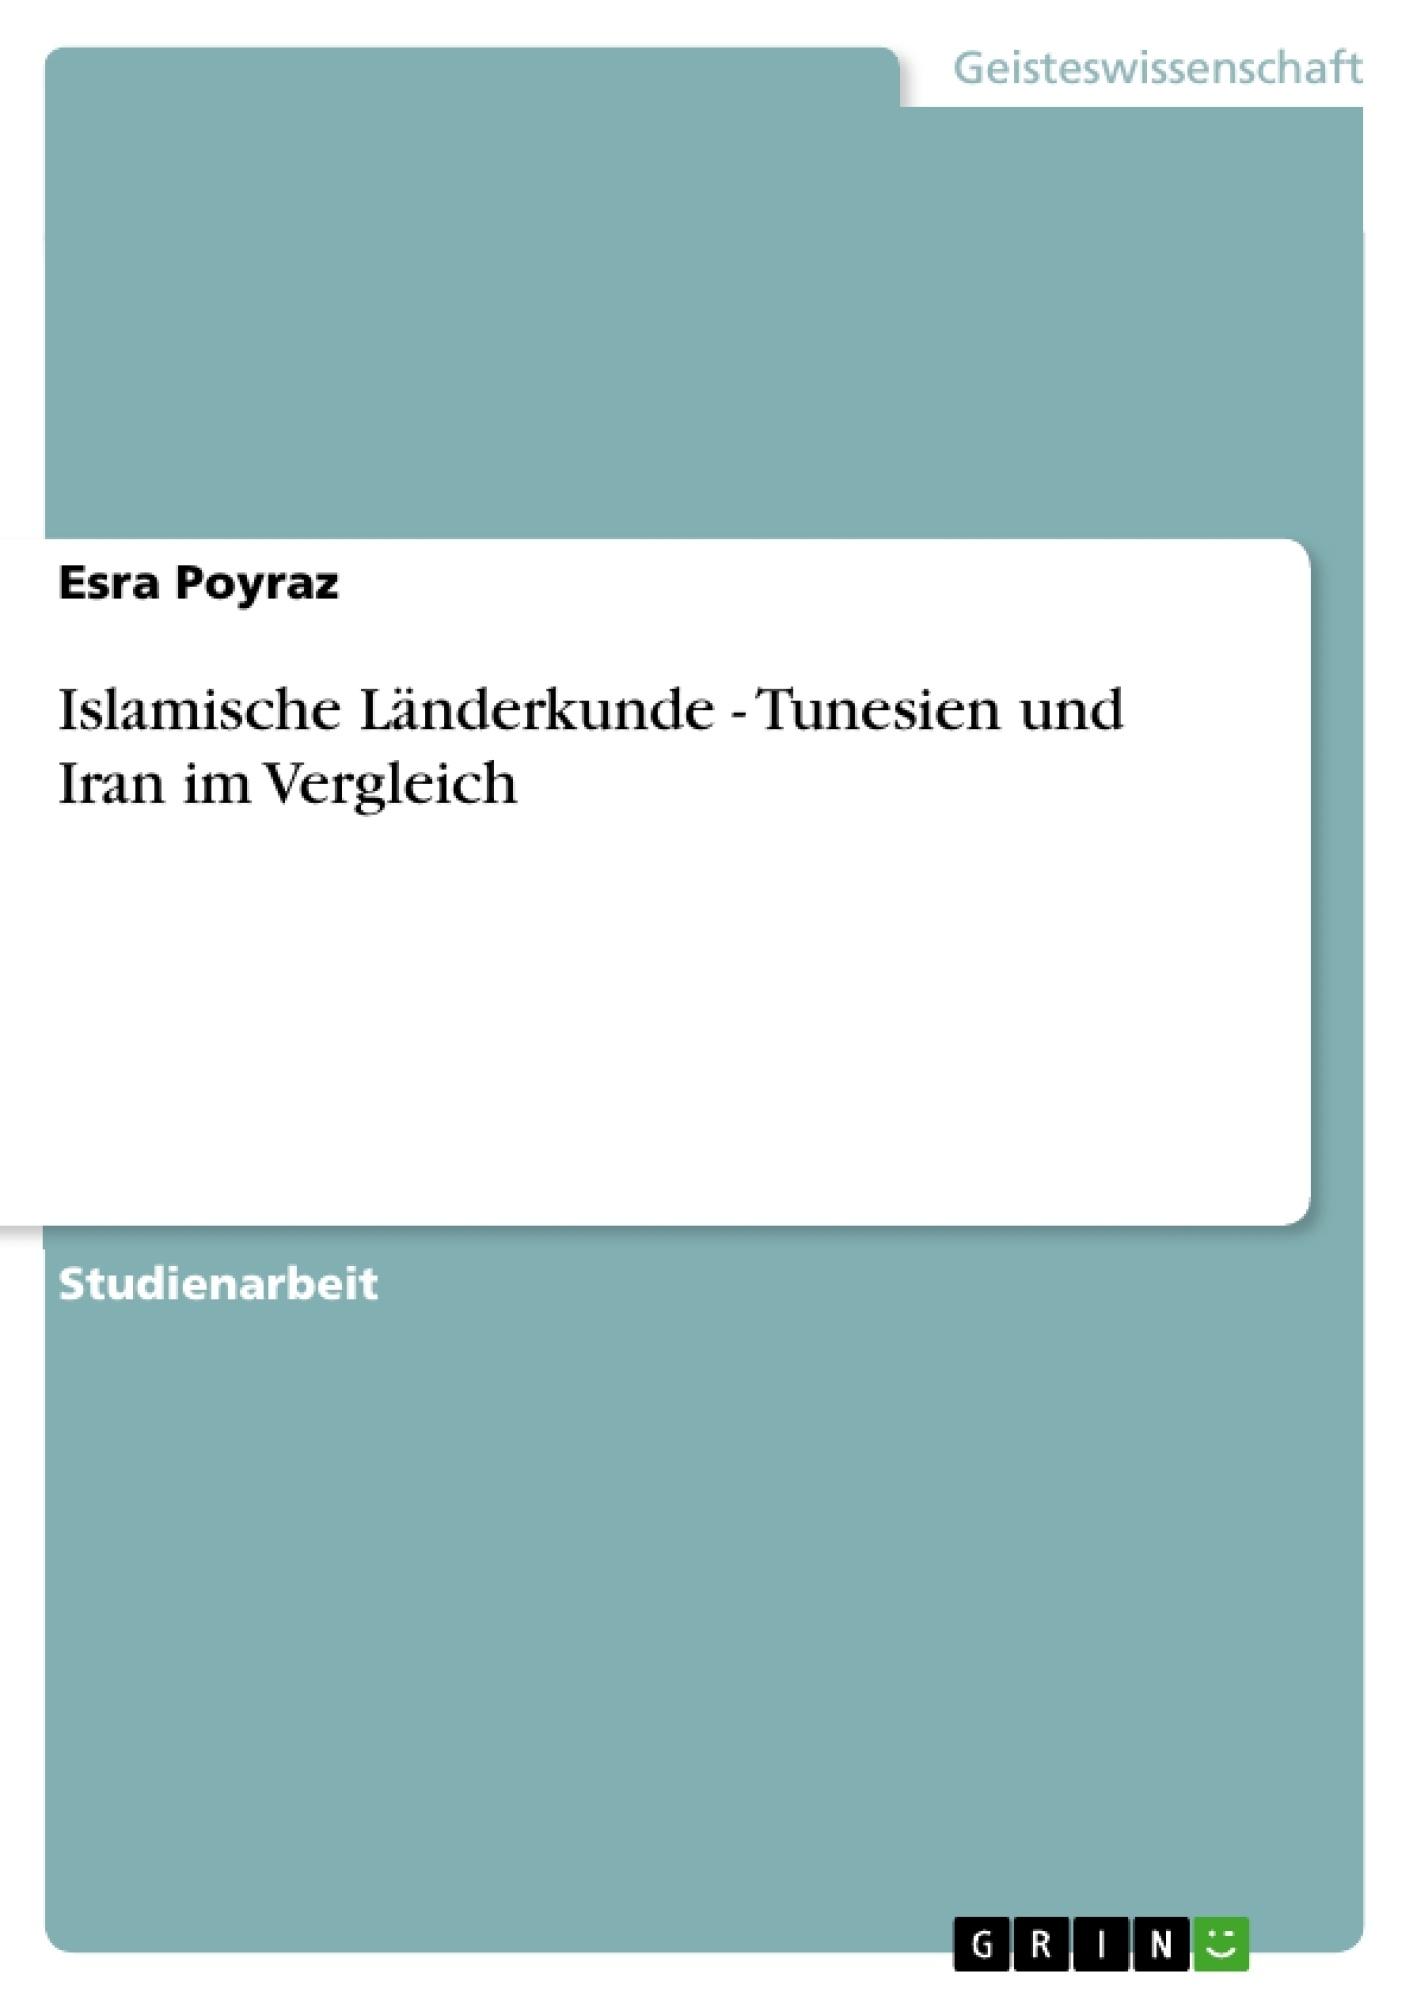 Titel: Islamische Länderkunde - Tunesien und Iran im Vergleich